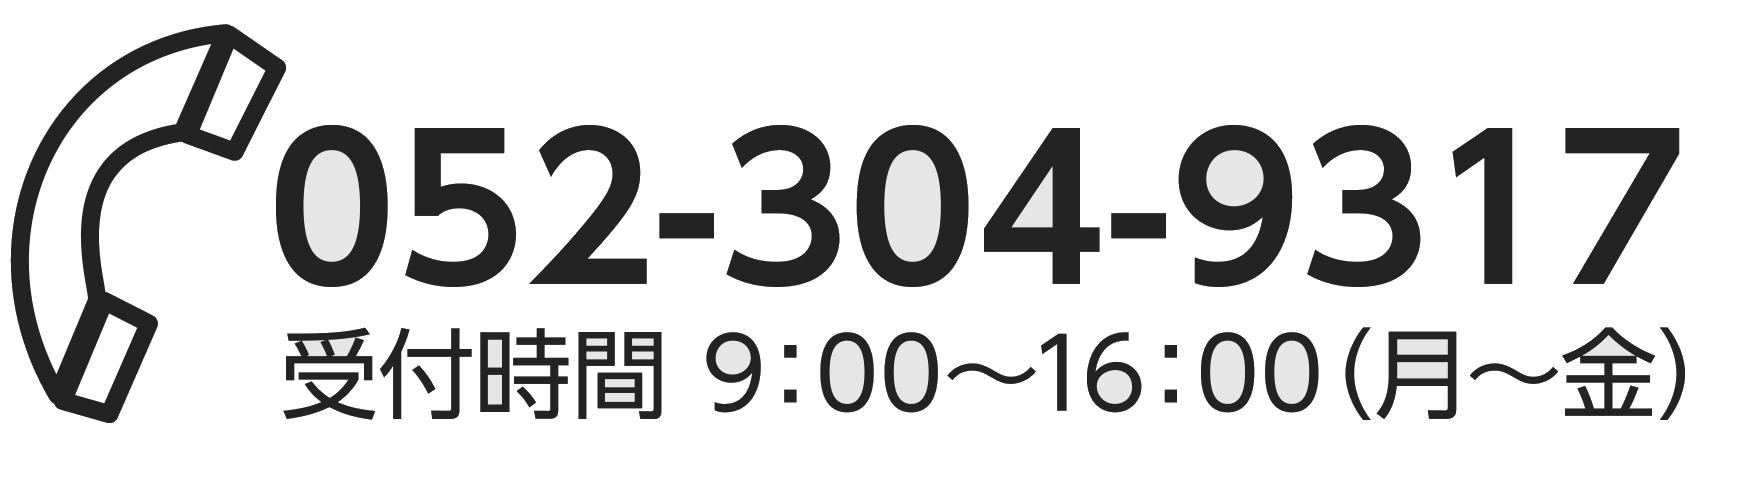 電話の画像イメージ